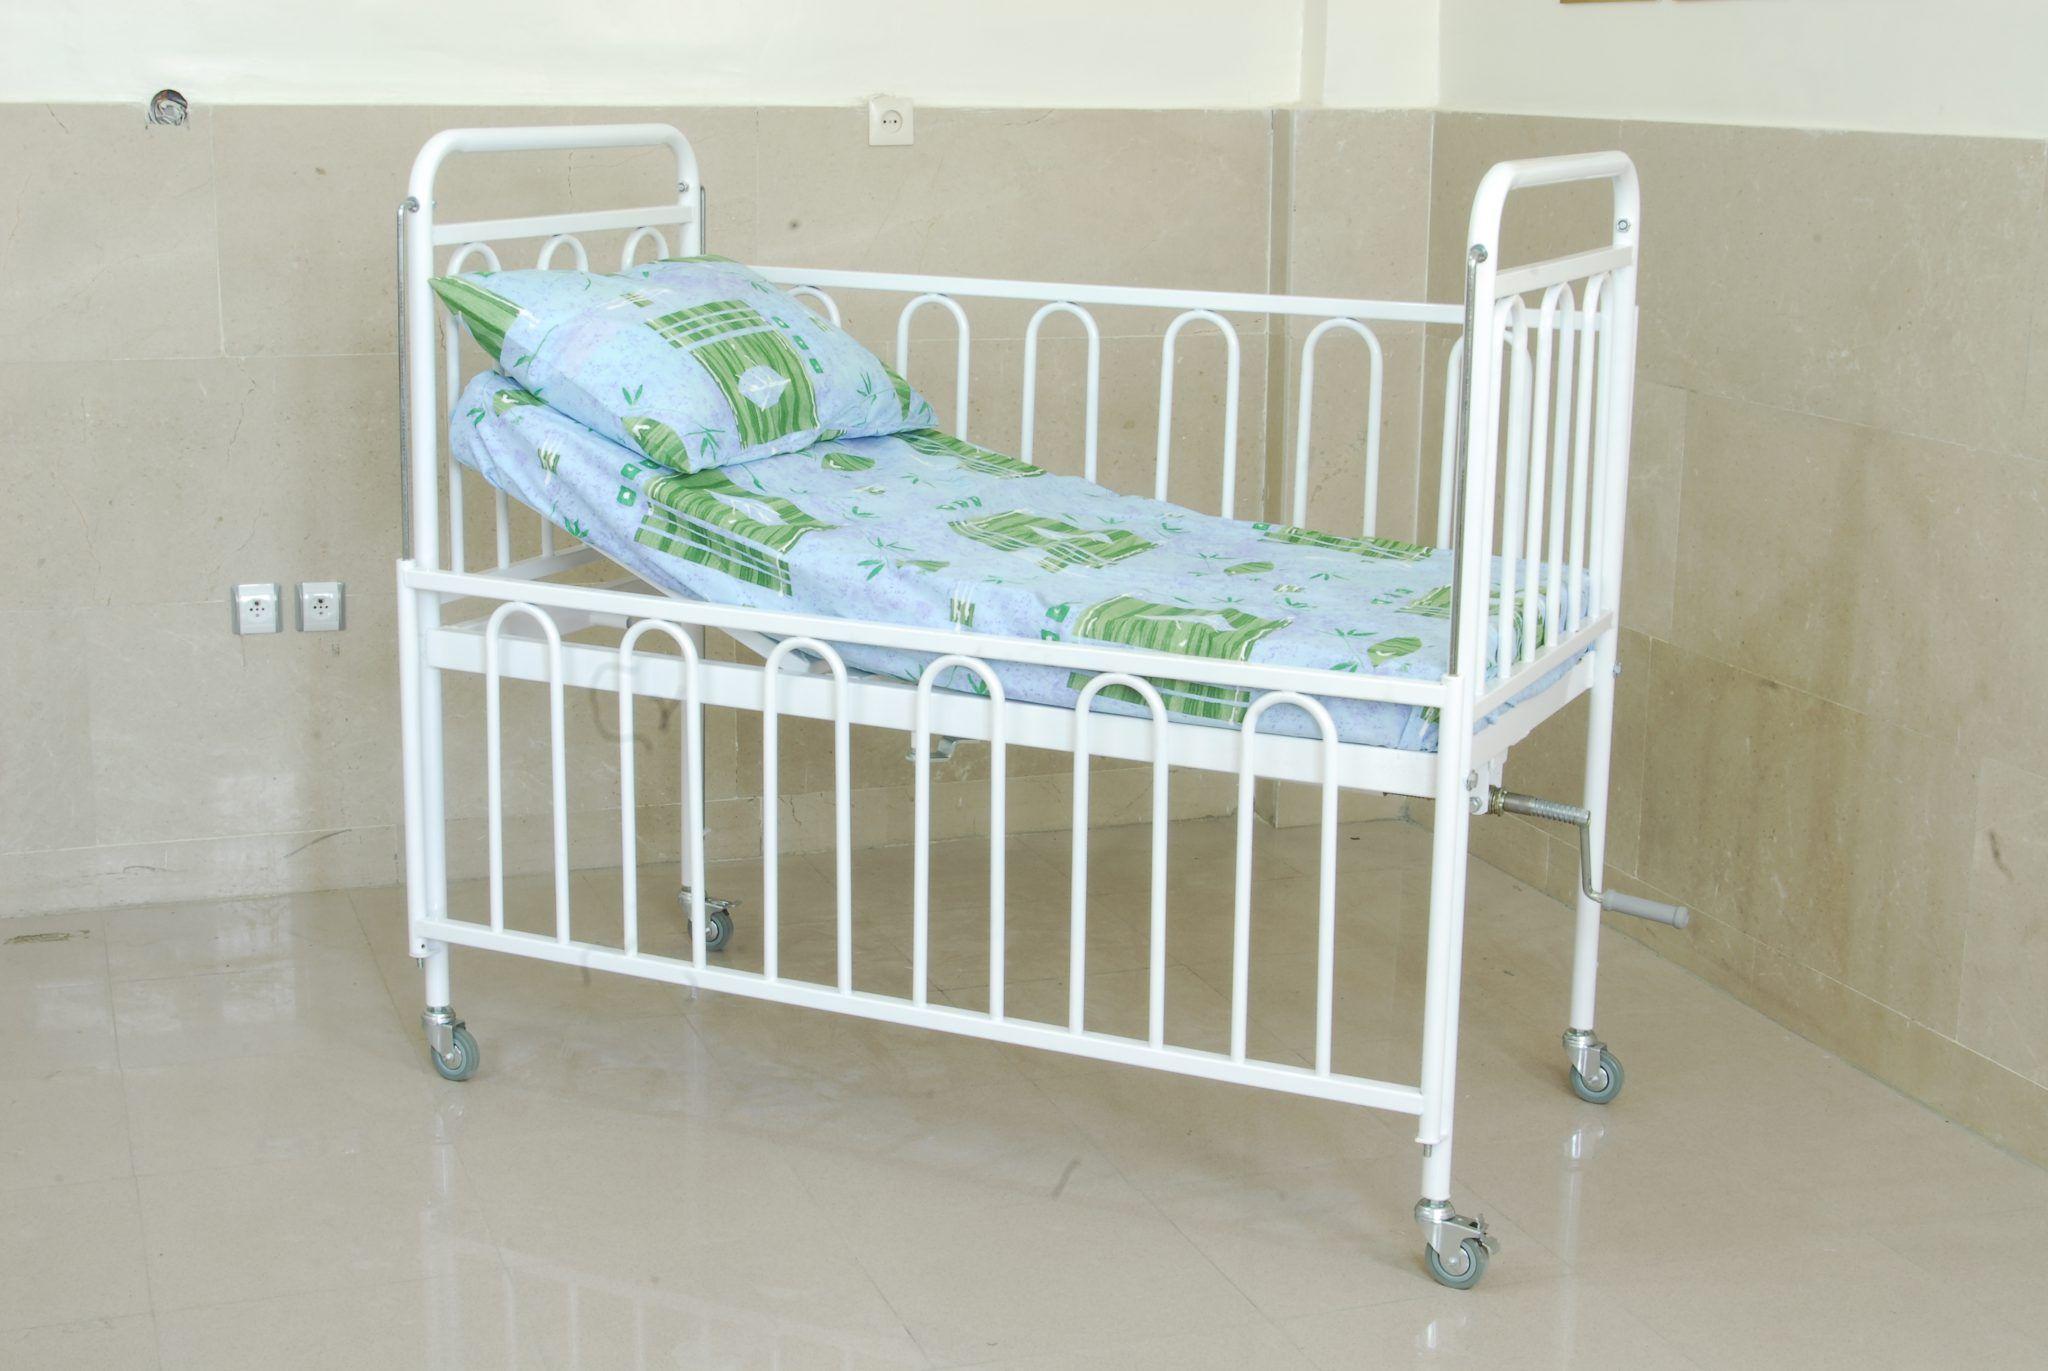 تخت بیمارستانی اطفال مدل B10 Cama Cama Hospitalar